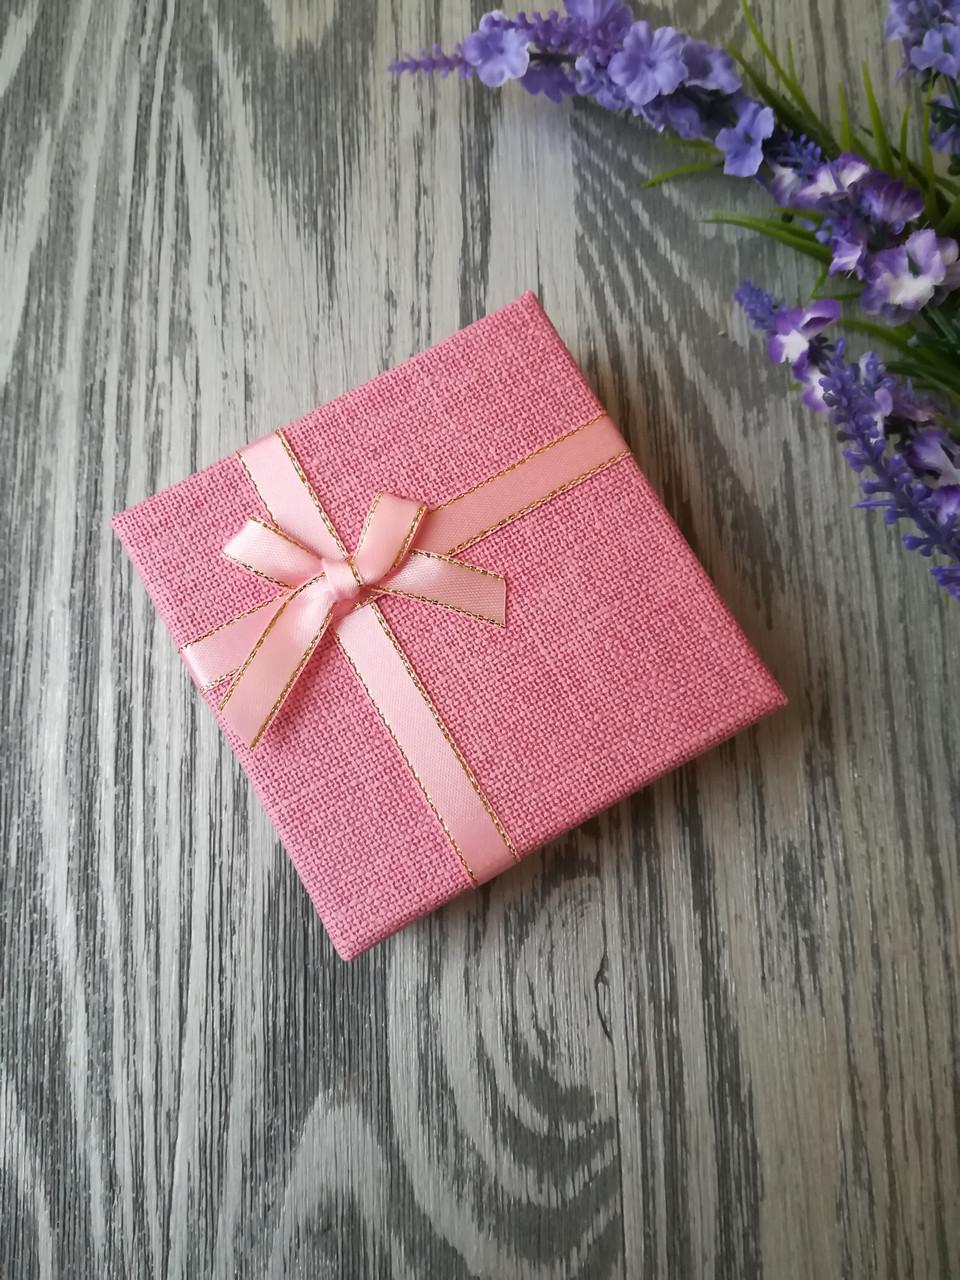 Коробка подарочная квадратная под украшения розовая 90 * 90 * 35 мм